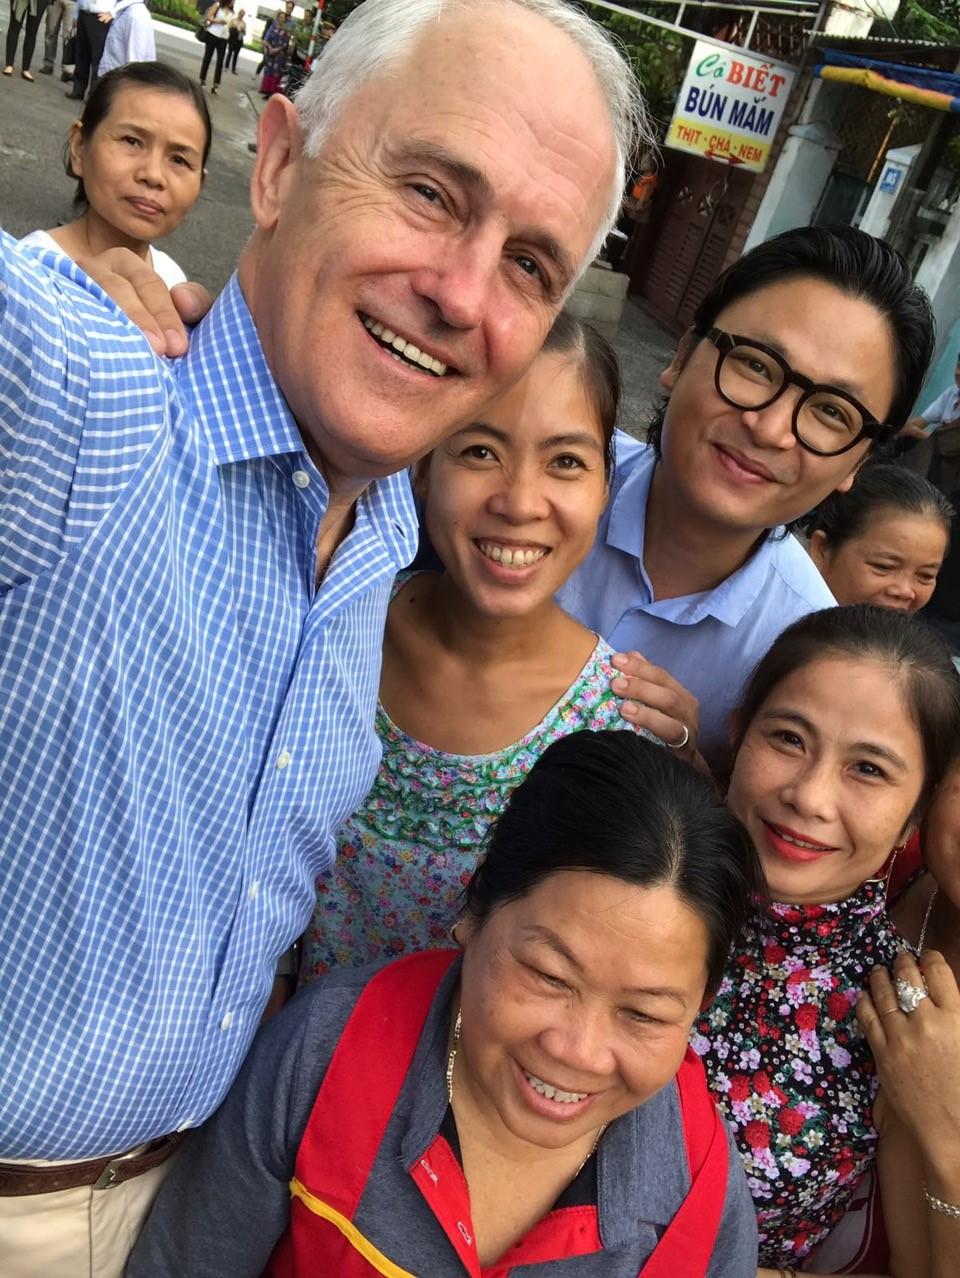 Thủ tướng Úc vui vẻ chụp hình selfie với người dân Đà Nẵng